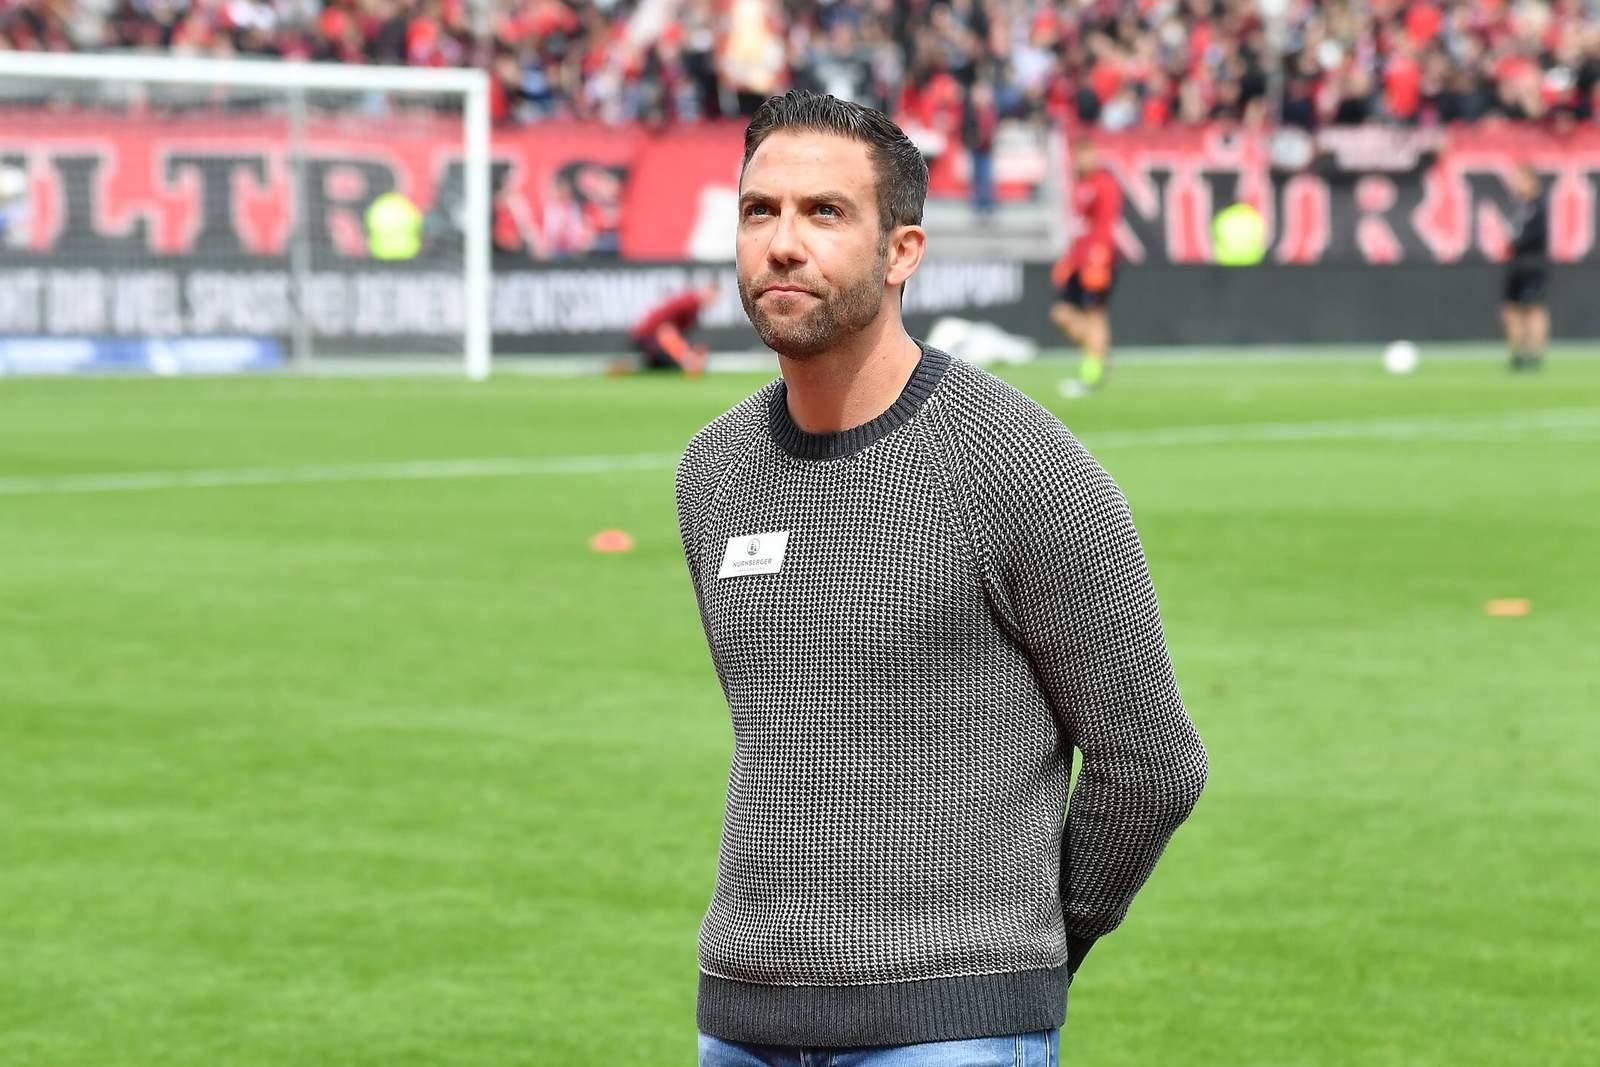 Boris Schommers beim 1. FC Nürnberg